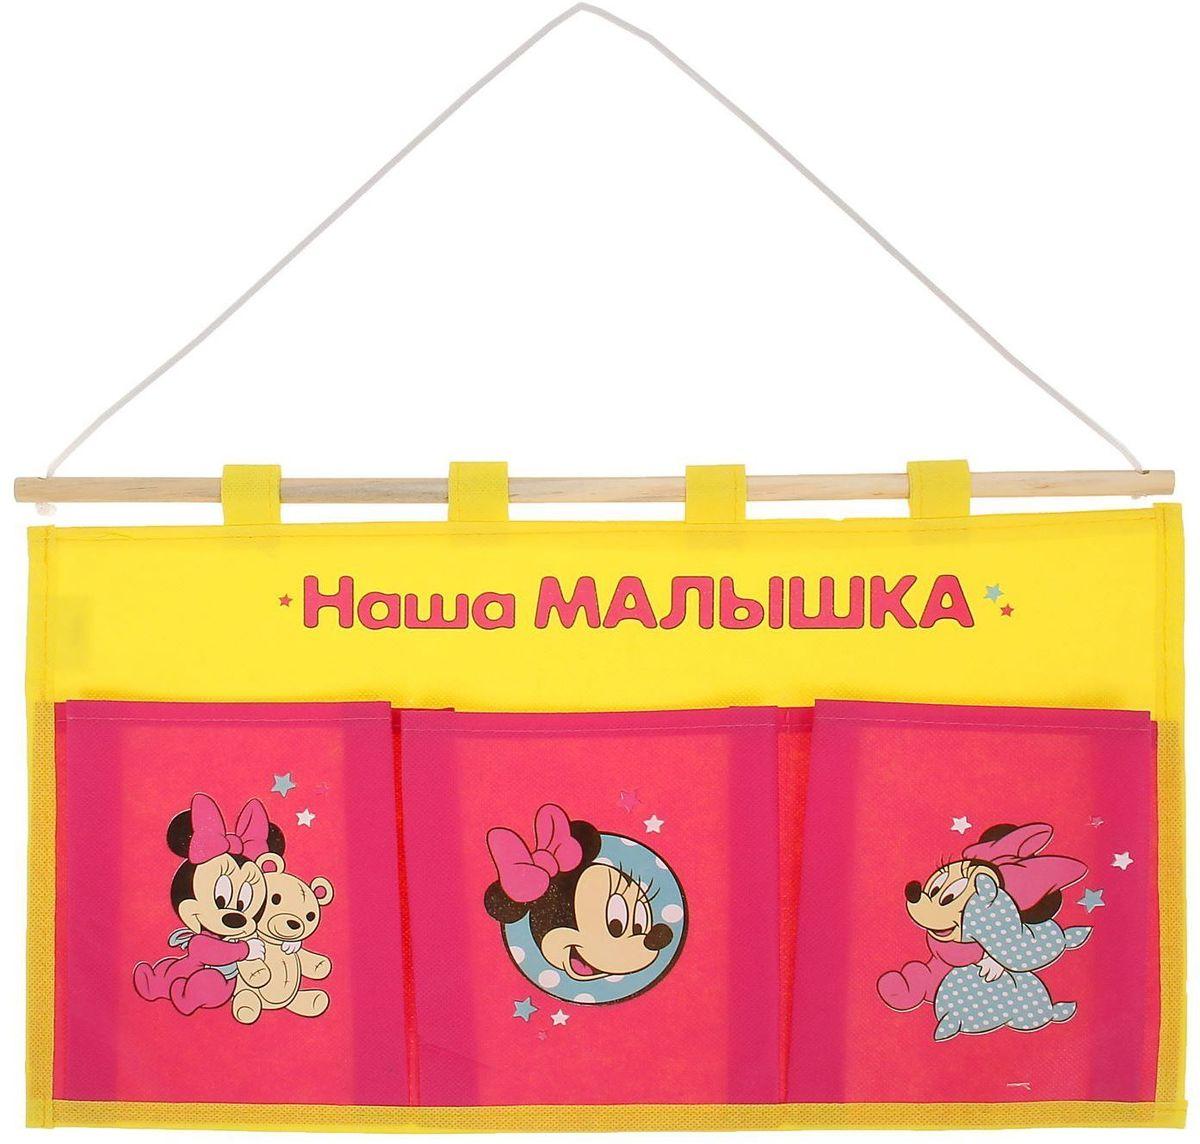 Disney Кармашки настенные Наша малышка Минни Маус 3 отделения1162098Порядок с любимыми героями Disney. Украсьте комнату ребёнка стильным и полезным аксессуаром. Настенные кармашки организуют вещи малышки и помогут содержать комнату в чистоте и порядке. Положите туда игрушки или одежду, и детская преобразится! Кармашки даже можно использовать в ванной комнате.Набор из нетканого материала спанбонд крепится на деревянную палочку, а вся конструкция подвешивается за верёвку. Яркие рисунки с любимыми персонажами нанесены по термотрансферной технологии.Изделие упаковано в прозрачный пакет, к которому прилагается небольшой шильд с героем Disney, где можно написать тёплые слова и пожелания для адресата.Соберите коллекцию аксессуаров с любимыми героями!